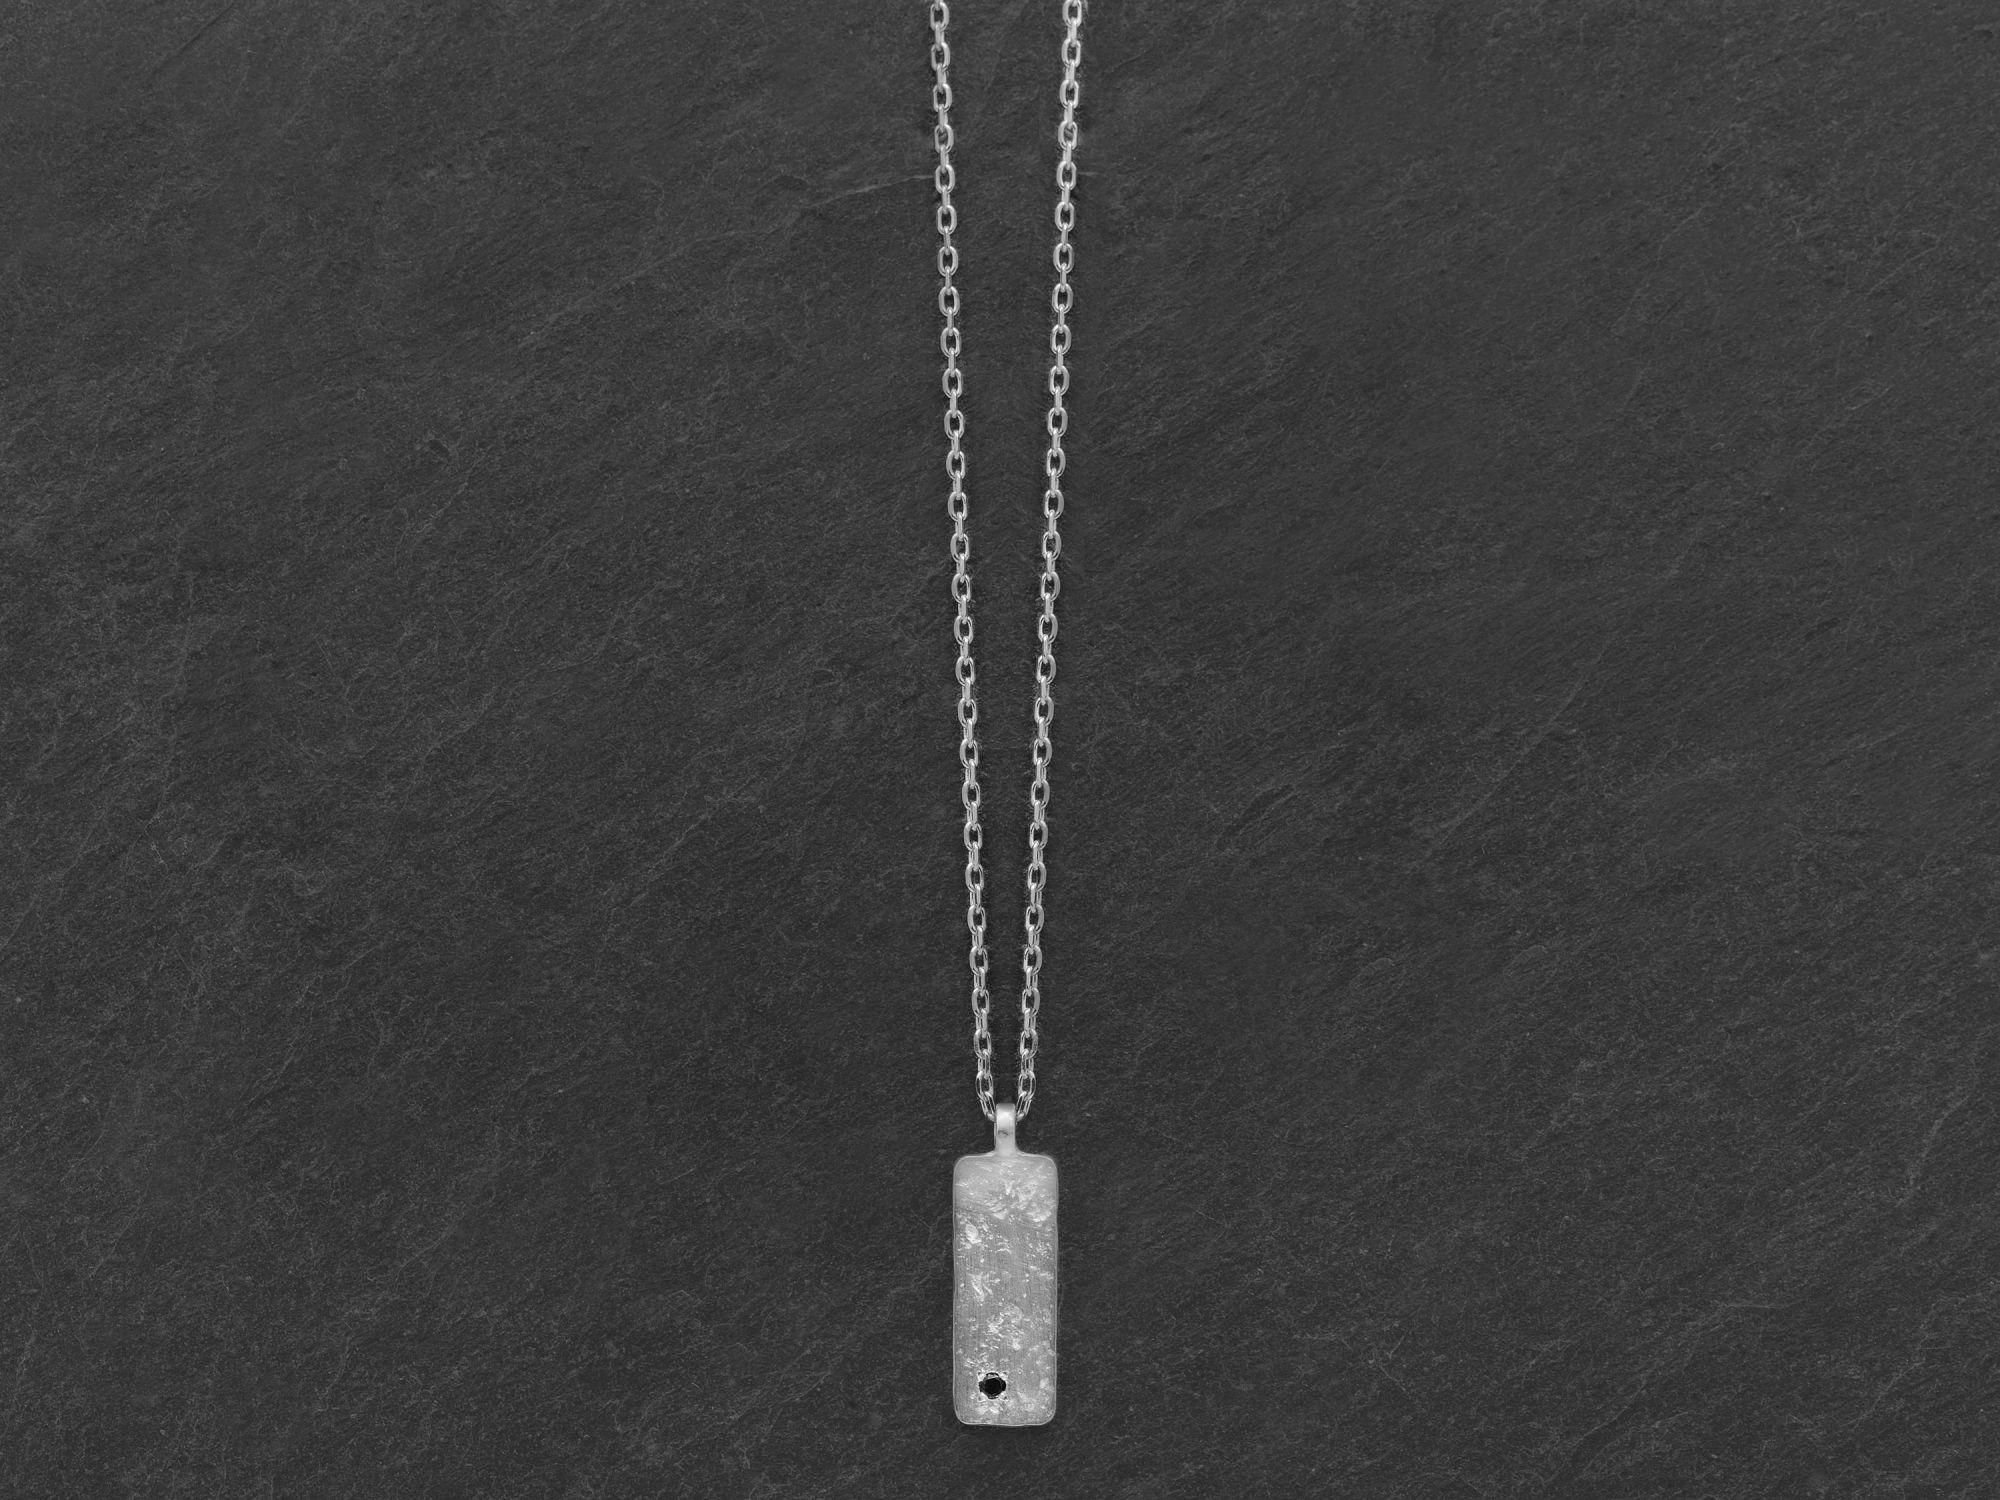 Collier Gaby argent rhodié diamant noir homme par Emmanuelle Zysman